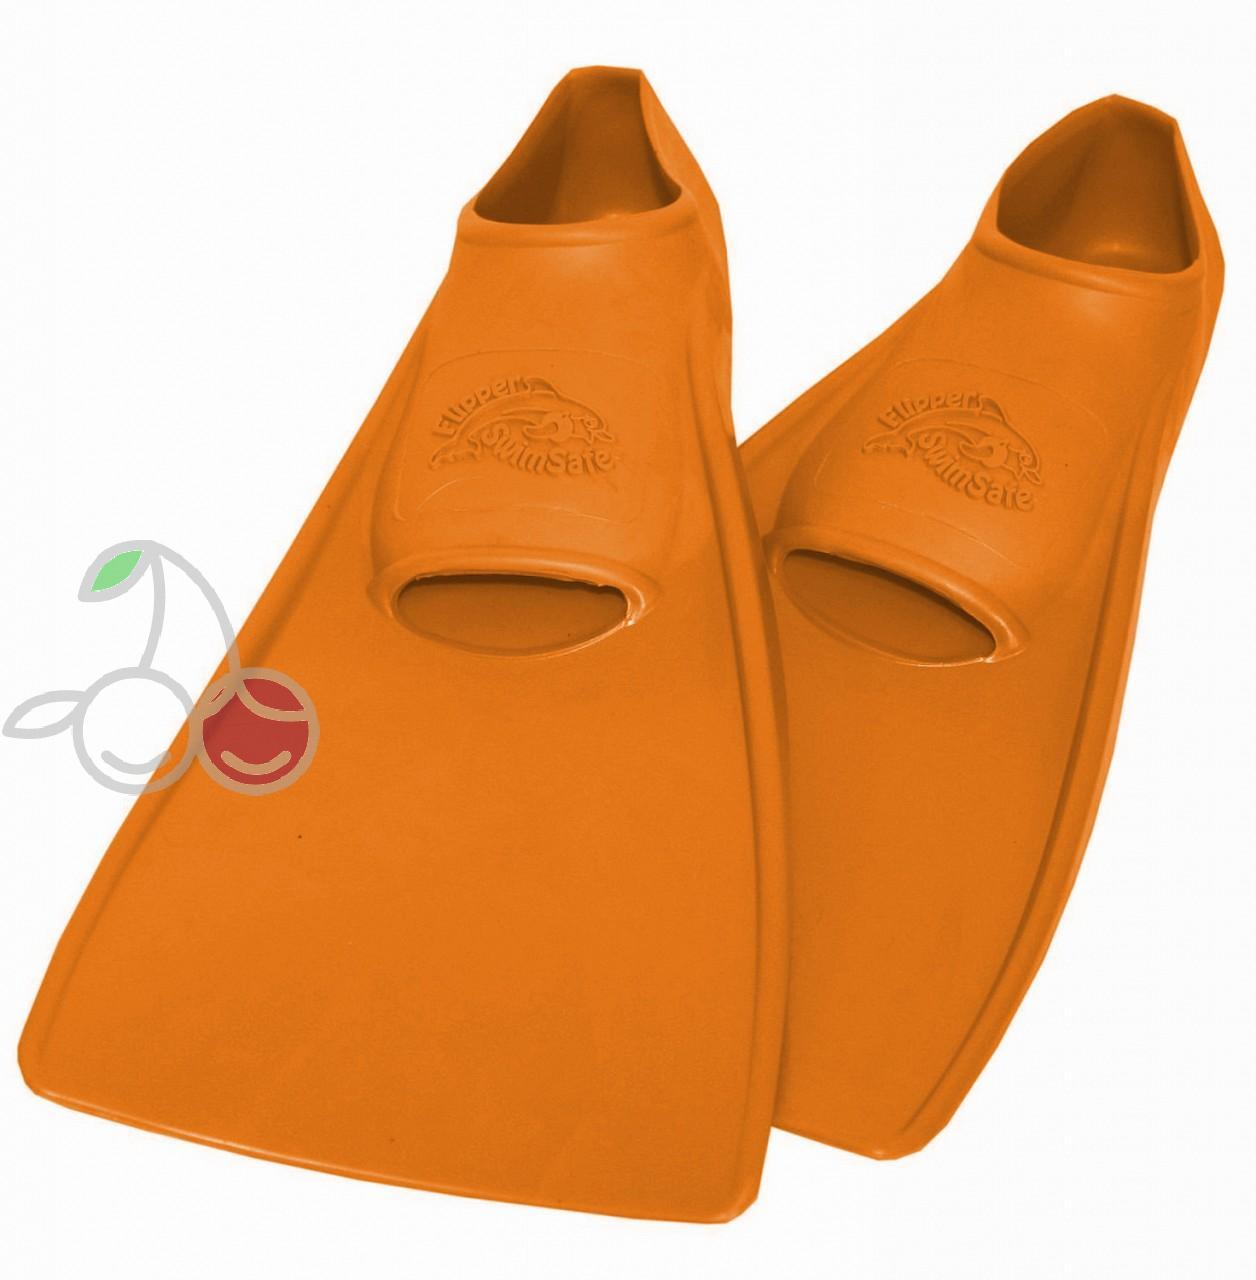 Ласты для бассейна резиновые детские размеры 27-28 оранжевые ПРОПЕРКЭРРИ (ProperCarry), - фото 1